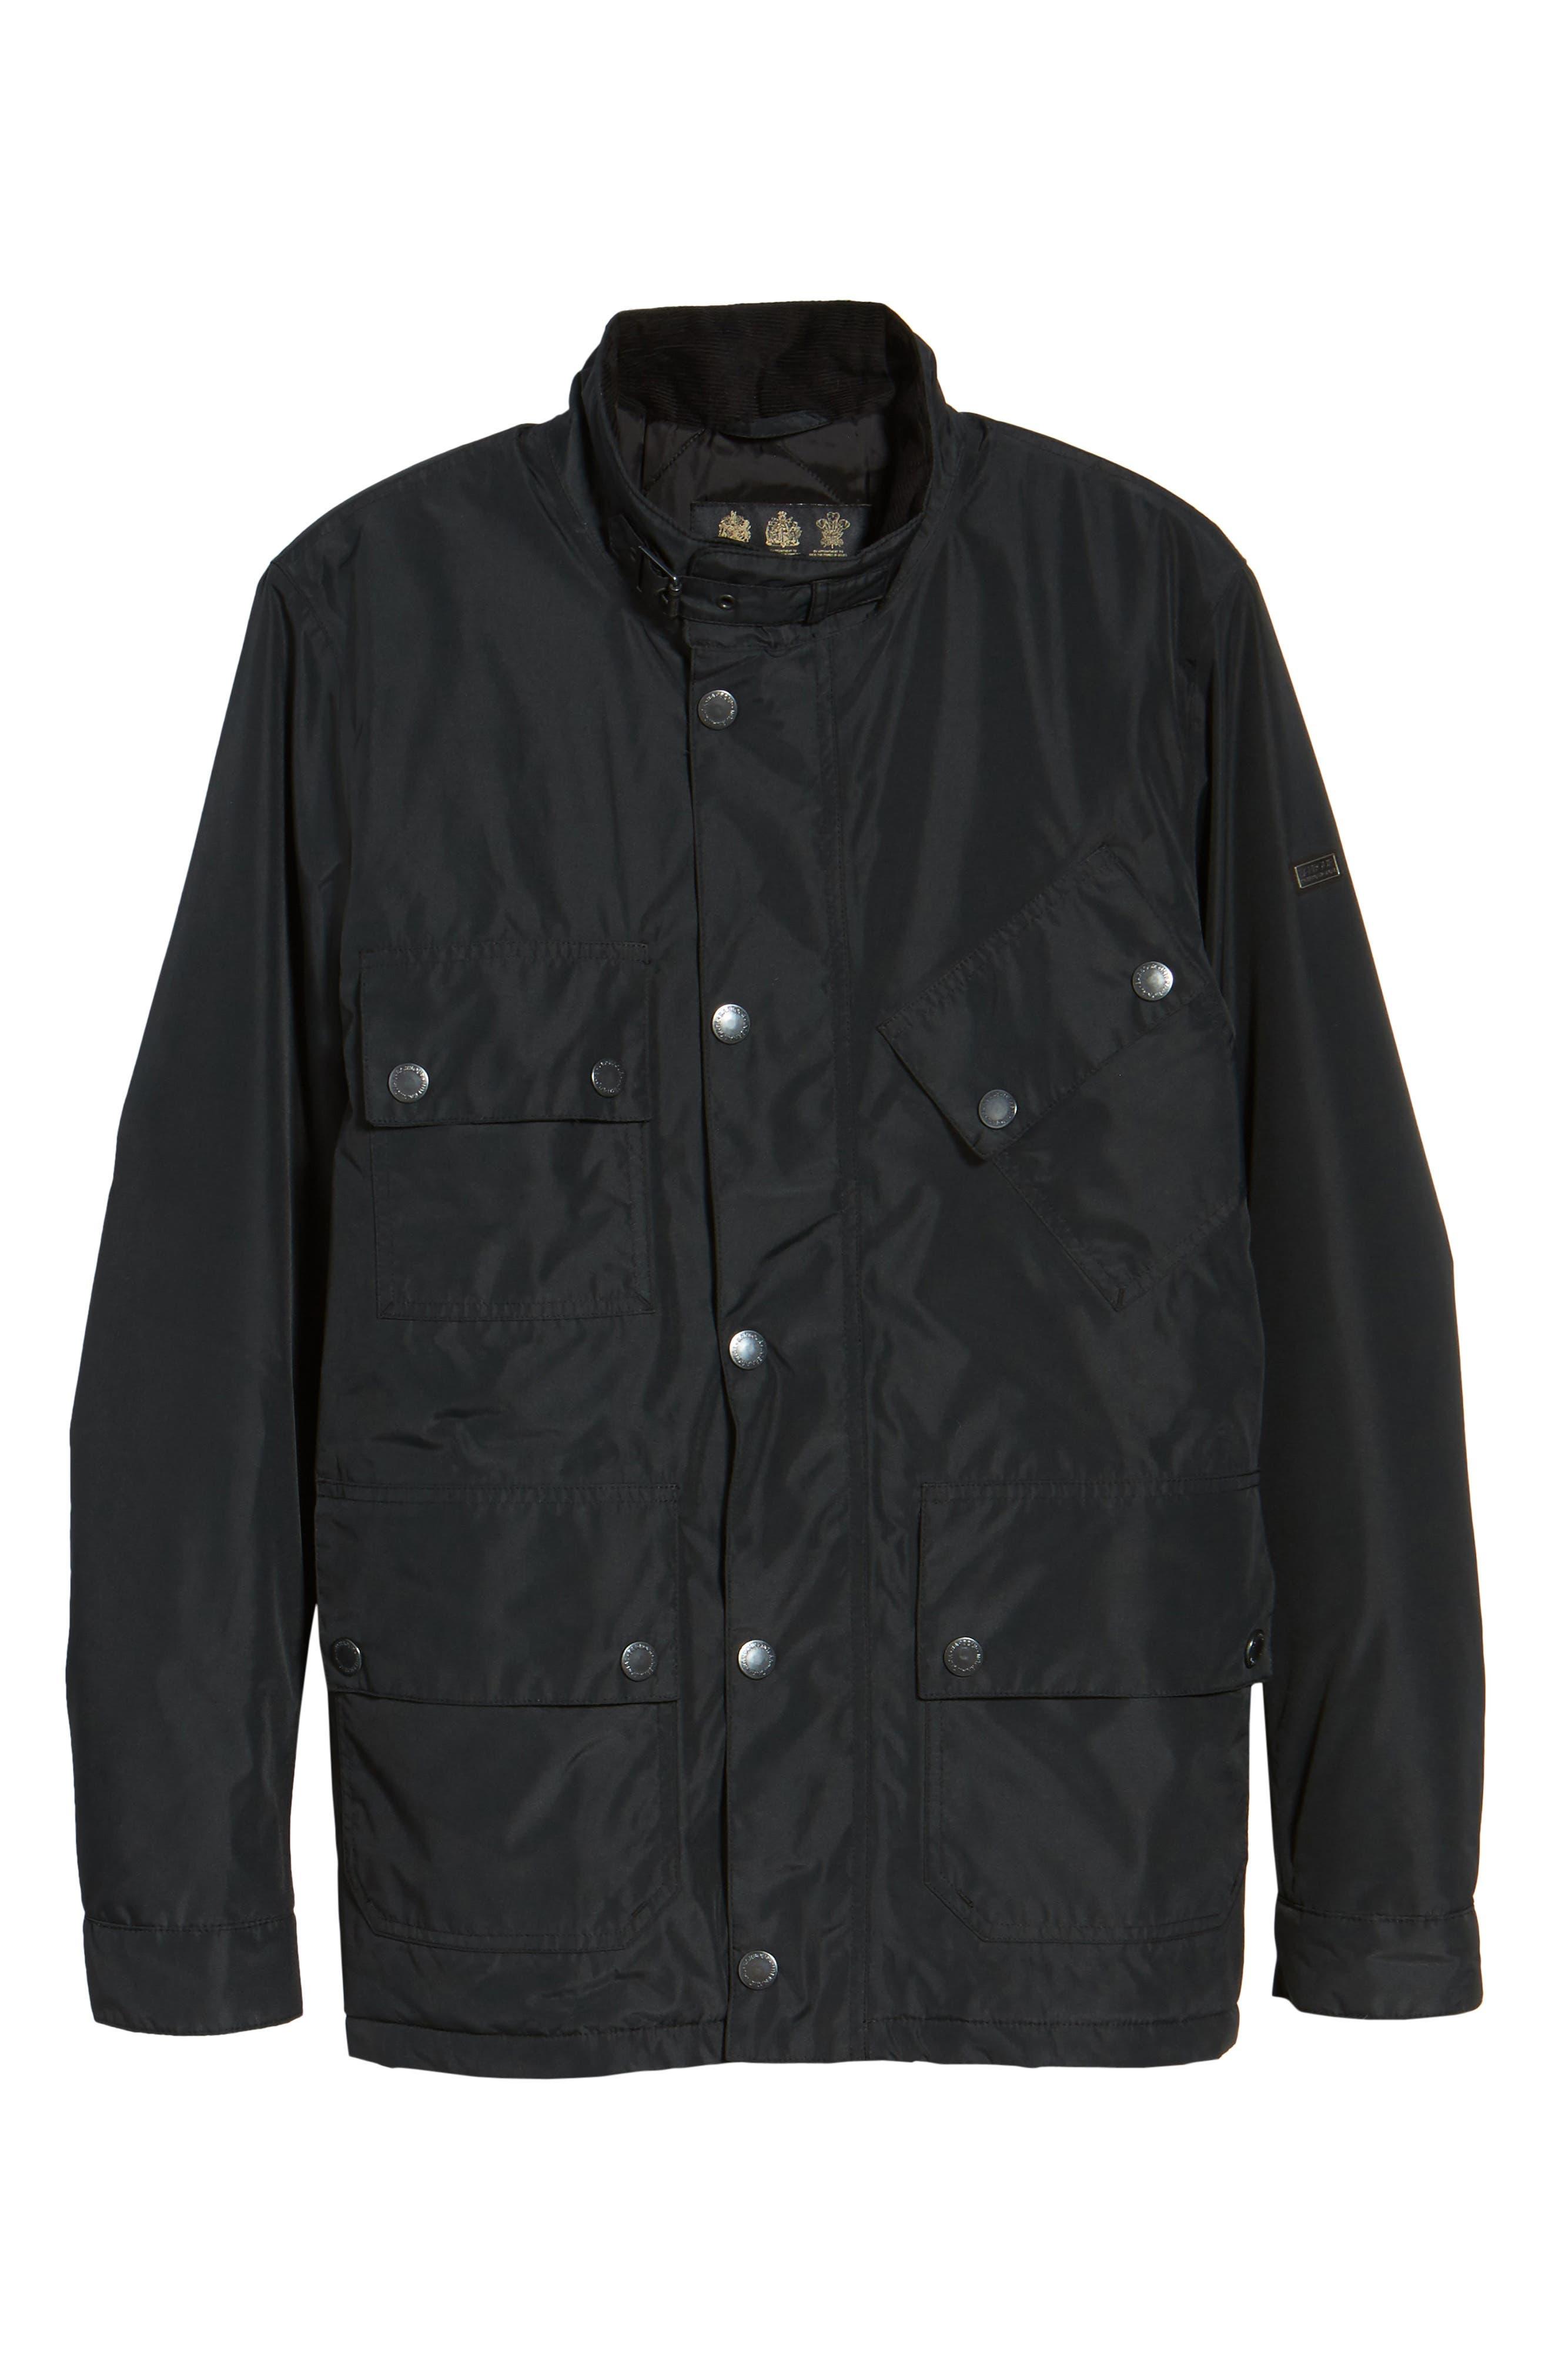 B.Intl Tyne Waterproof Jacket,                             Alternate thumbnail 6, color,                             Black